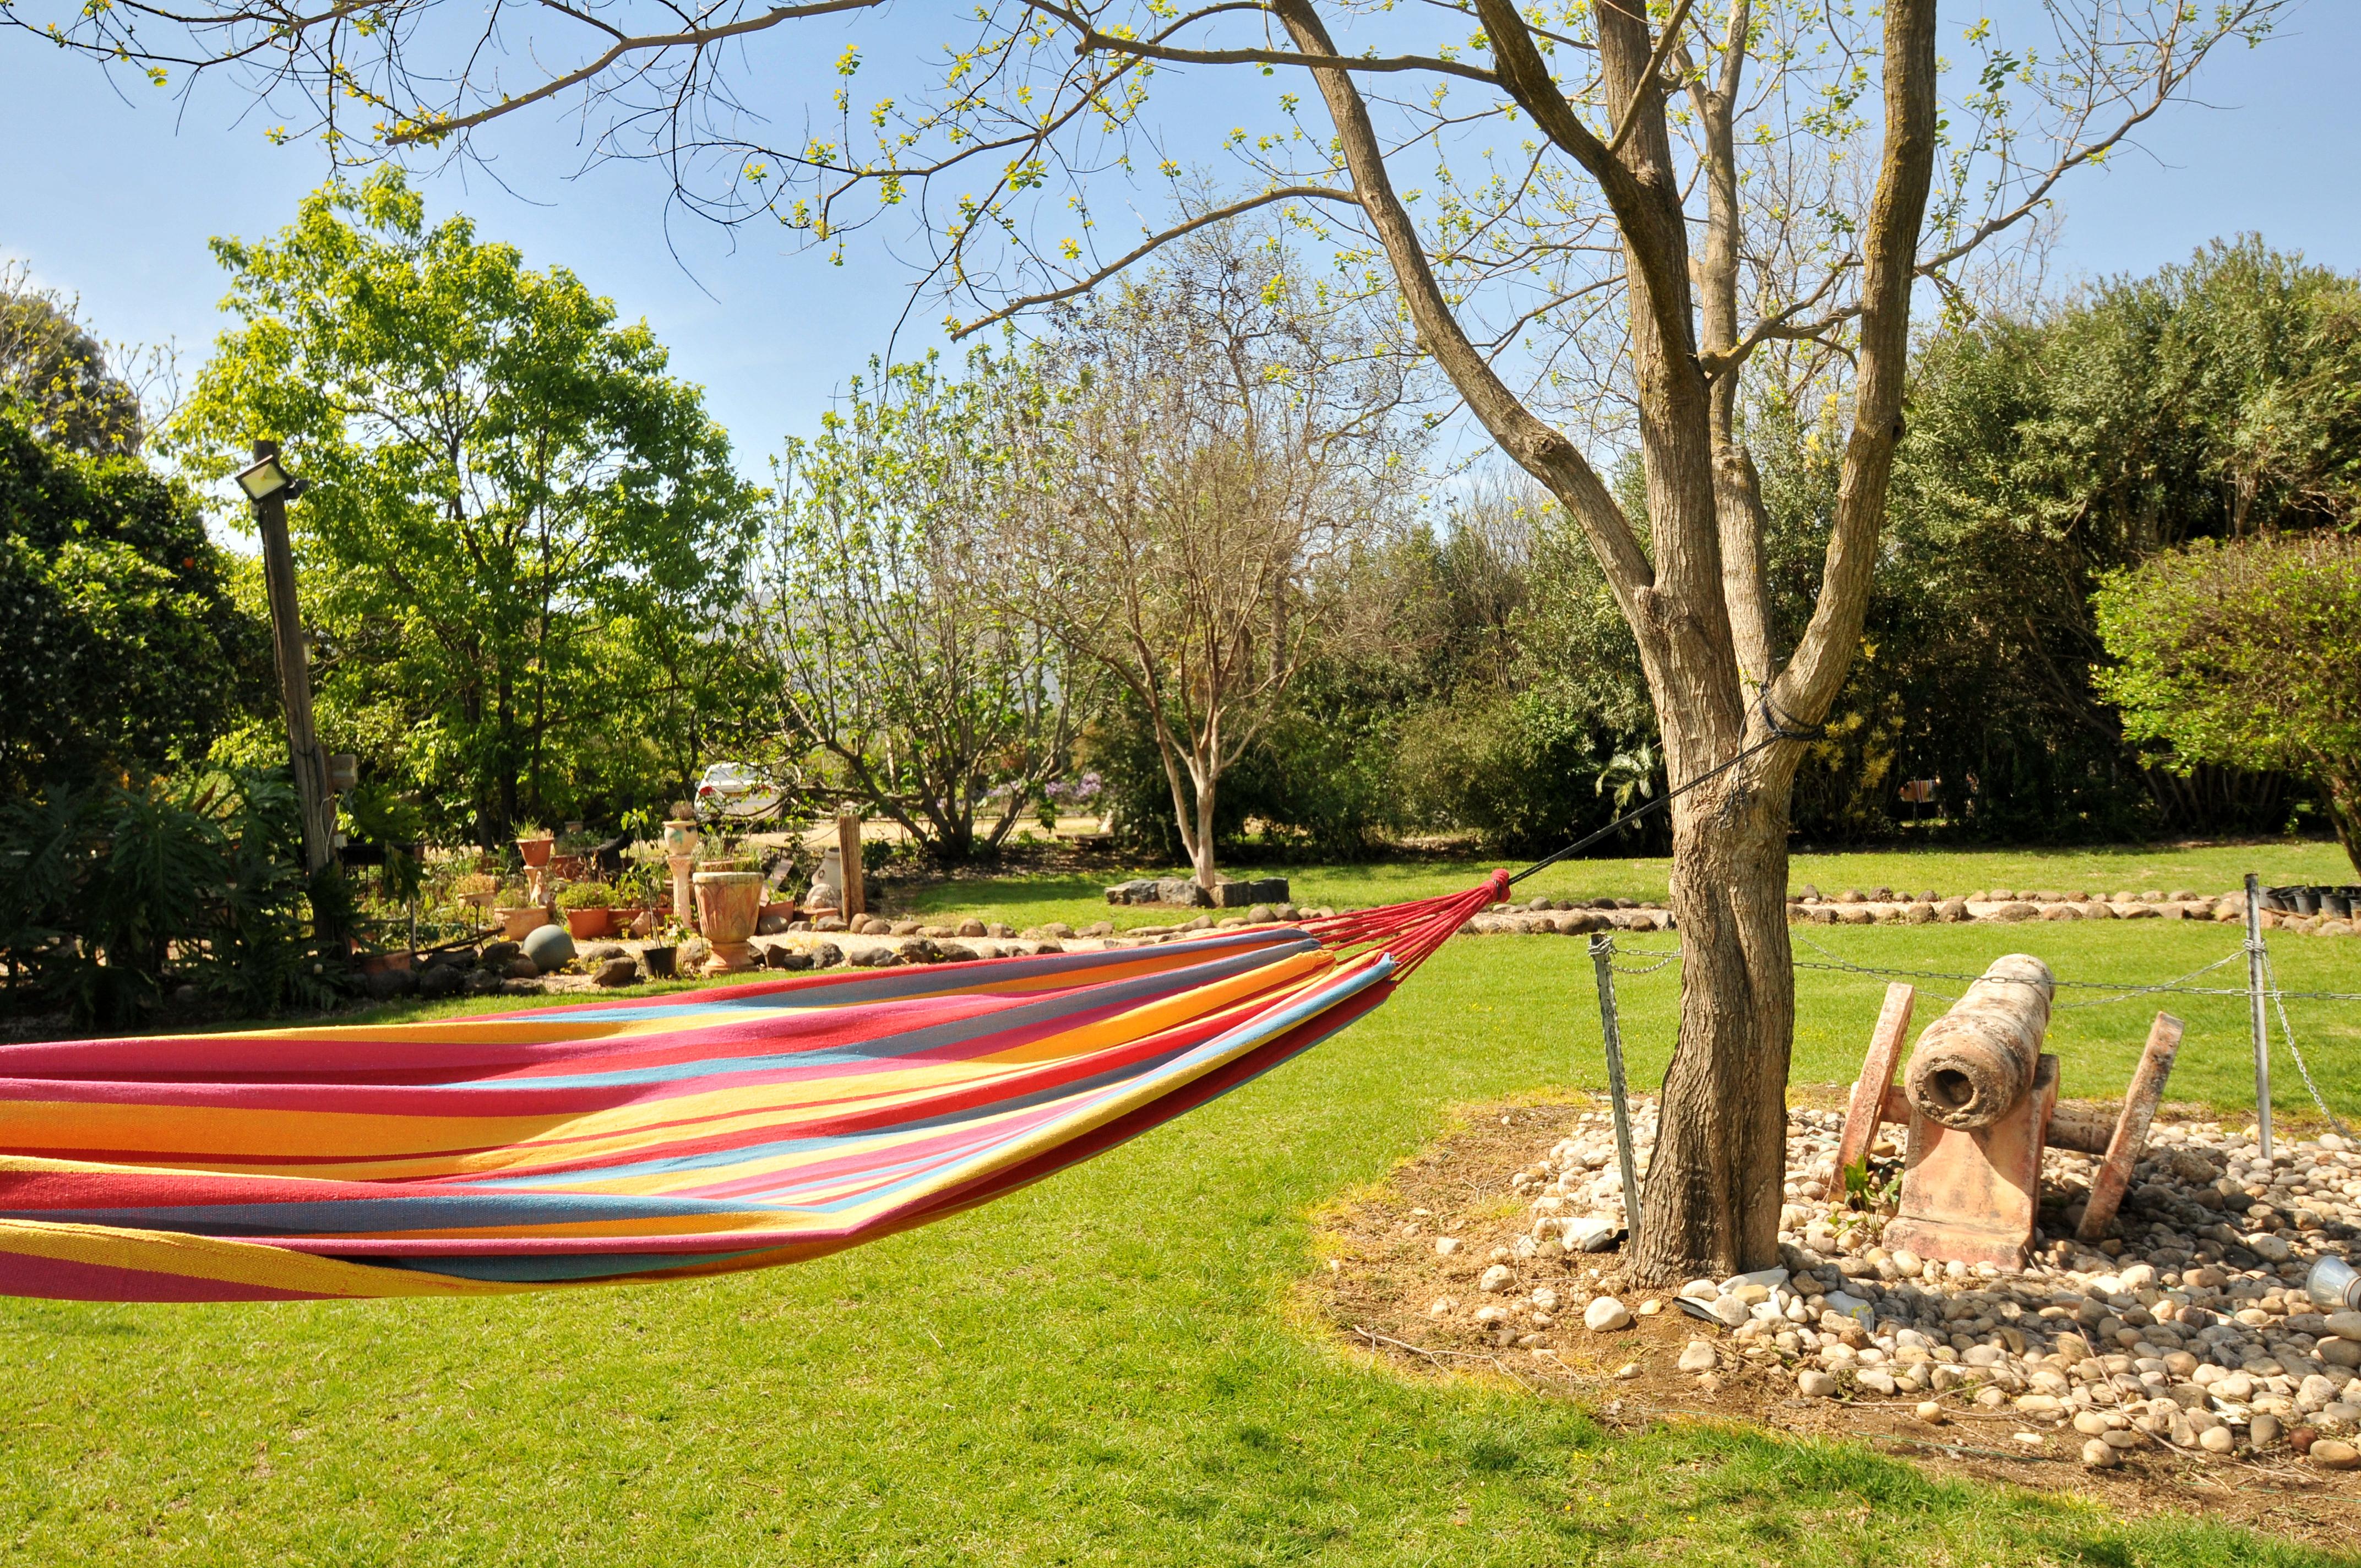 ערסל בגינה - קידמת הגליל בית הלל